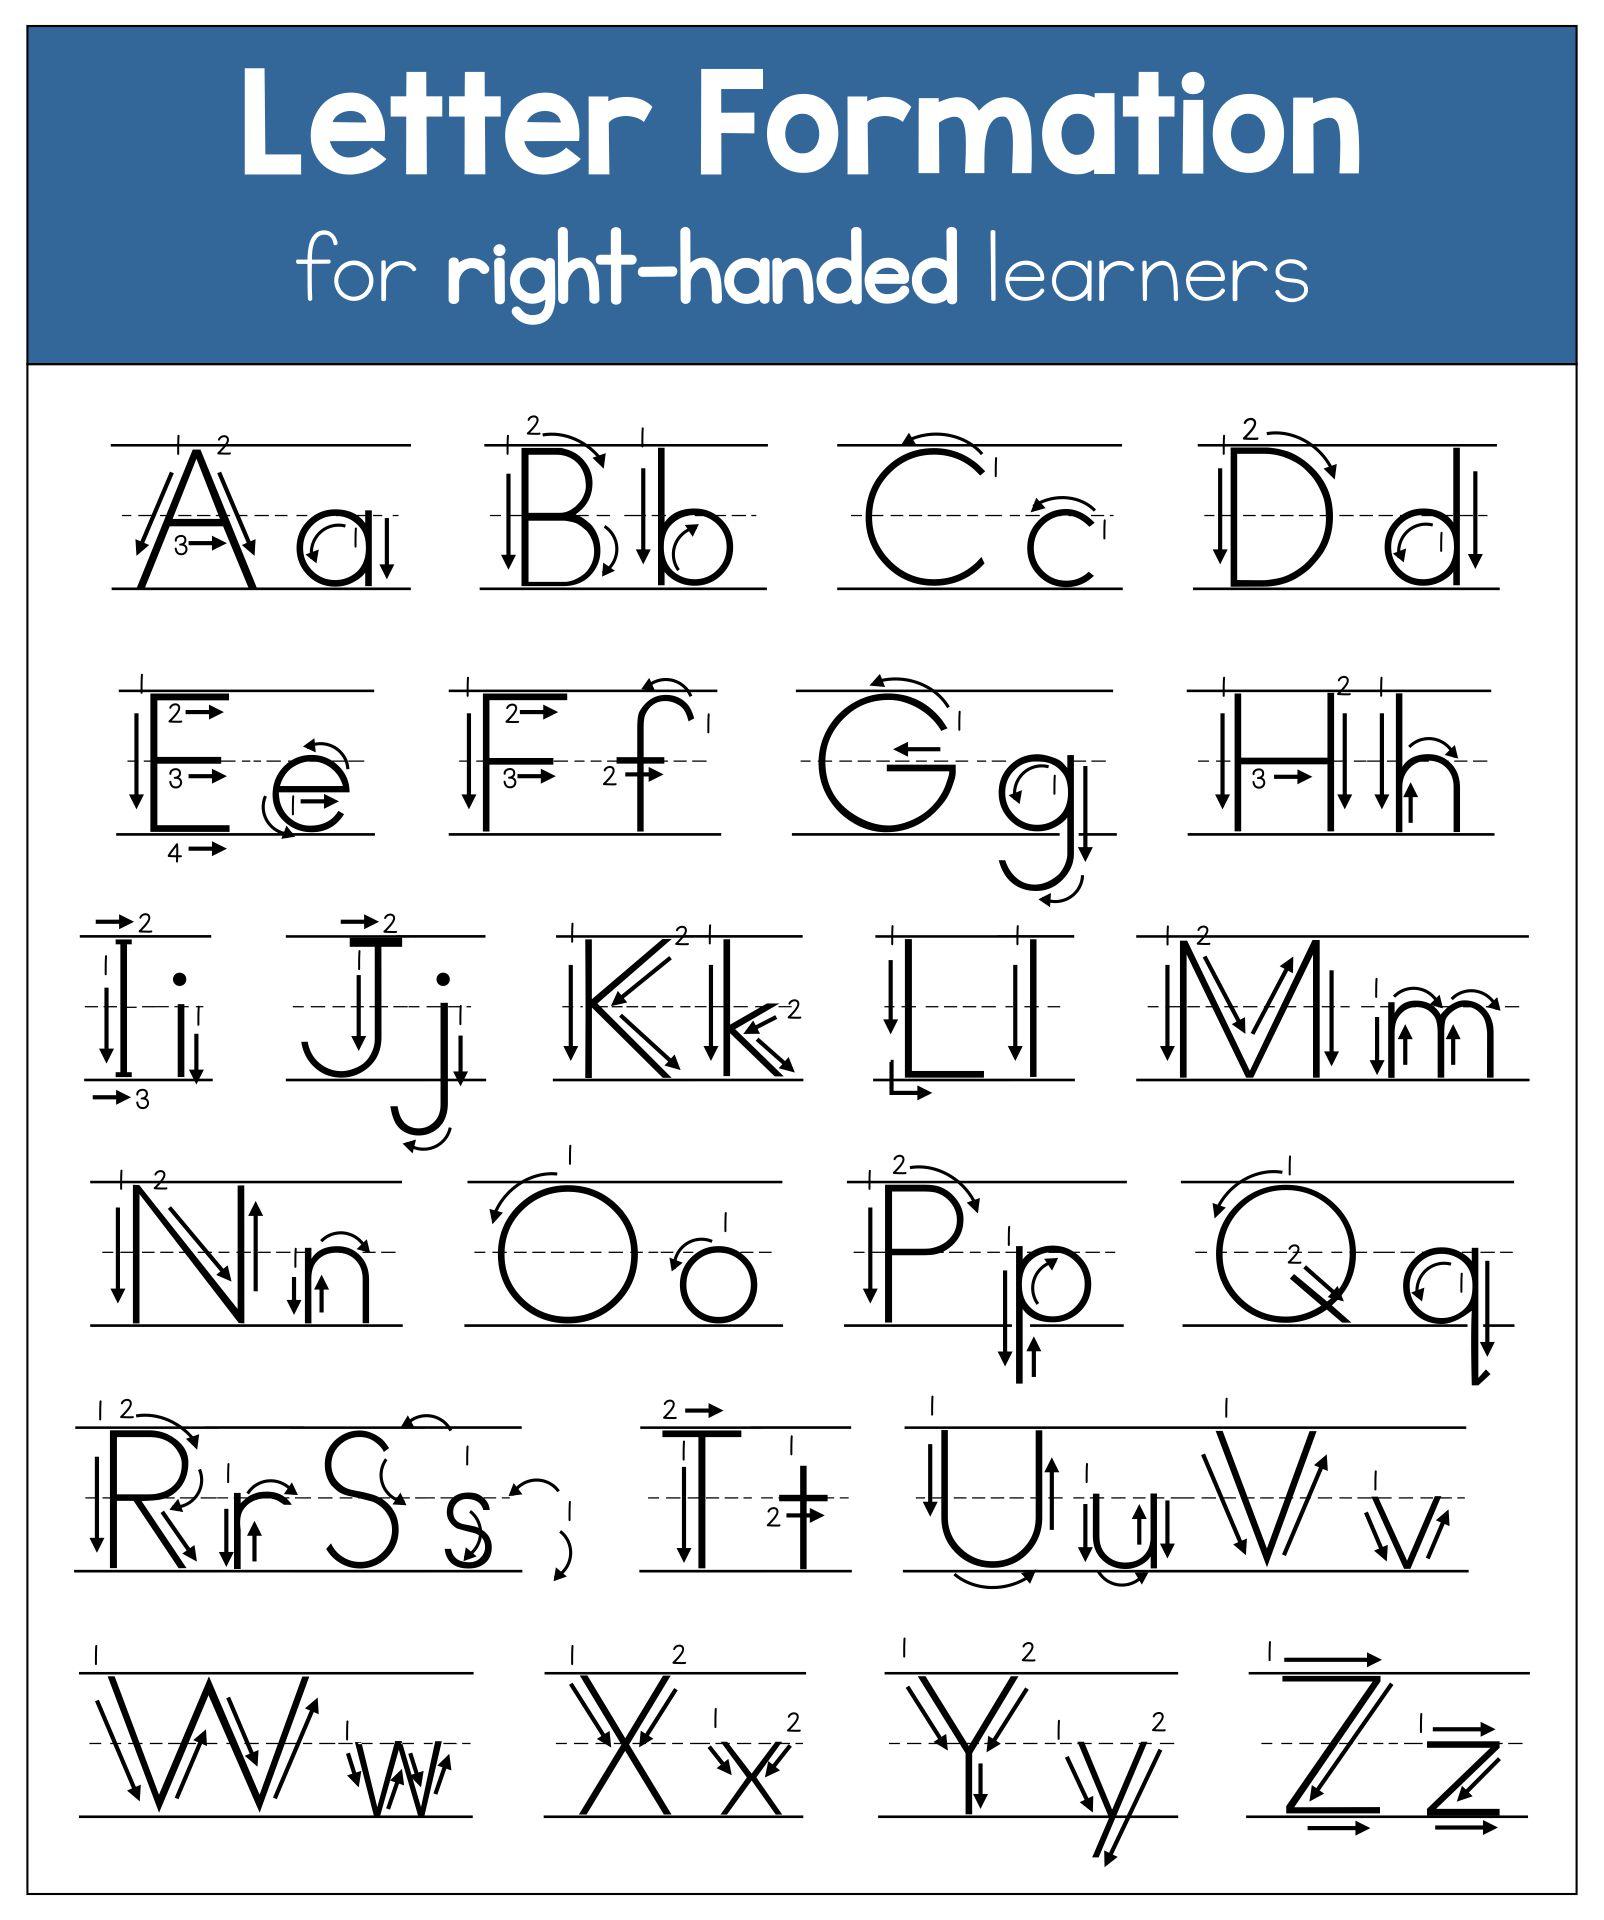 Zaner-Bloser Handwriting Chart Printable